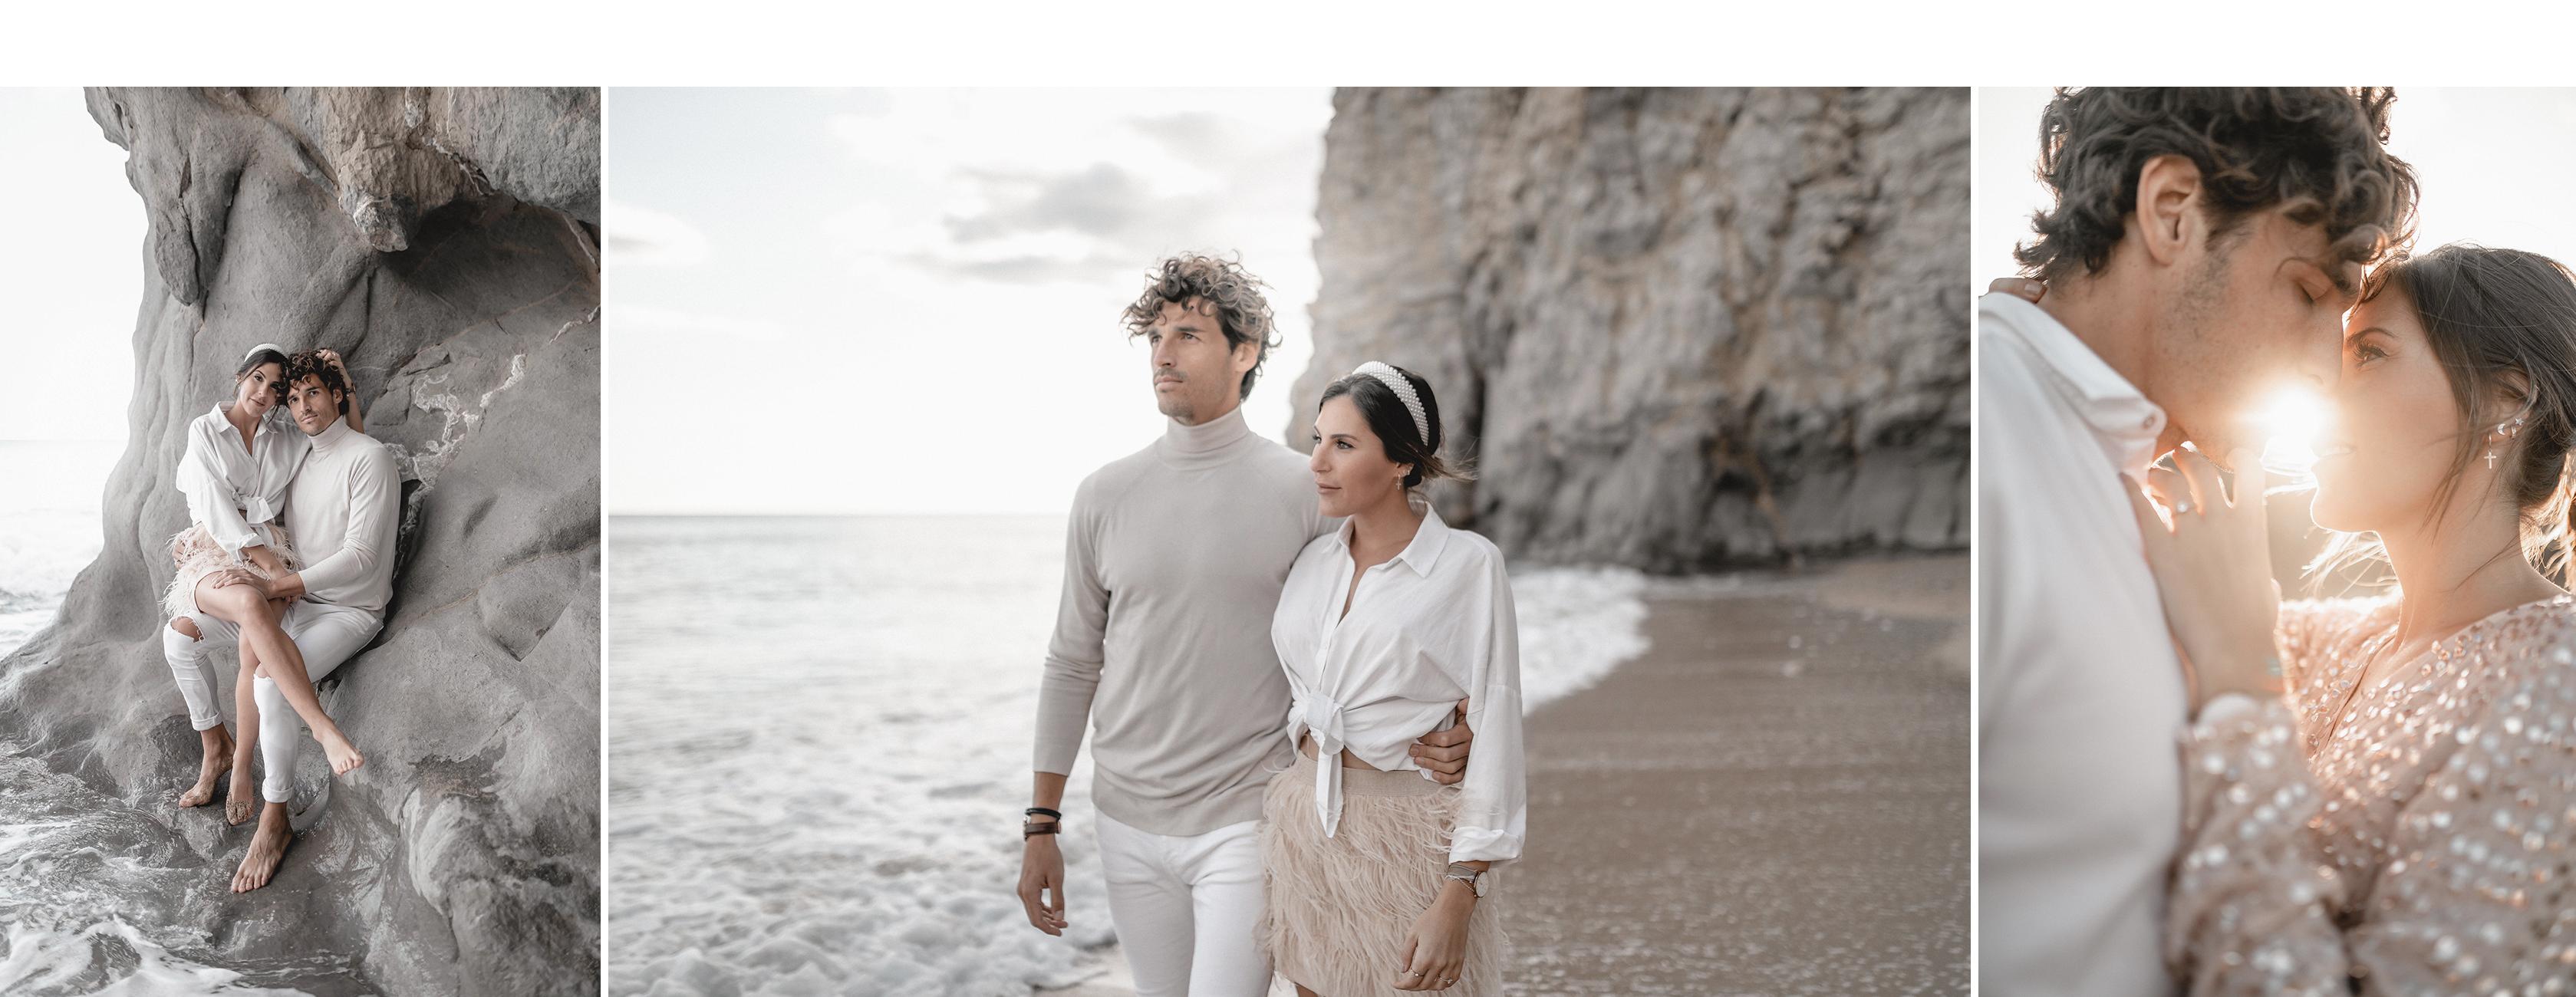 Hochzeitsfotograf am Strand von Ibiza in Spanien